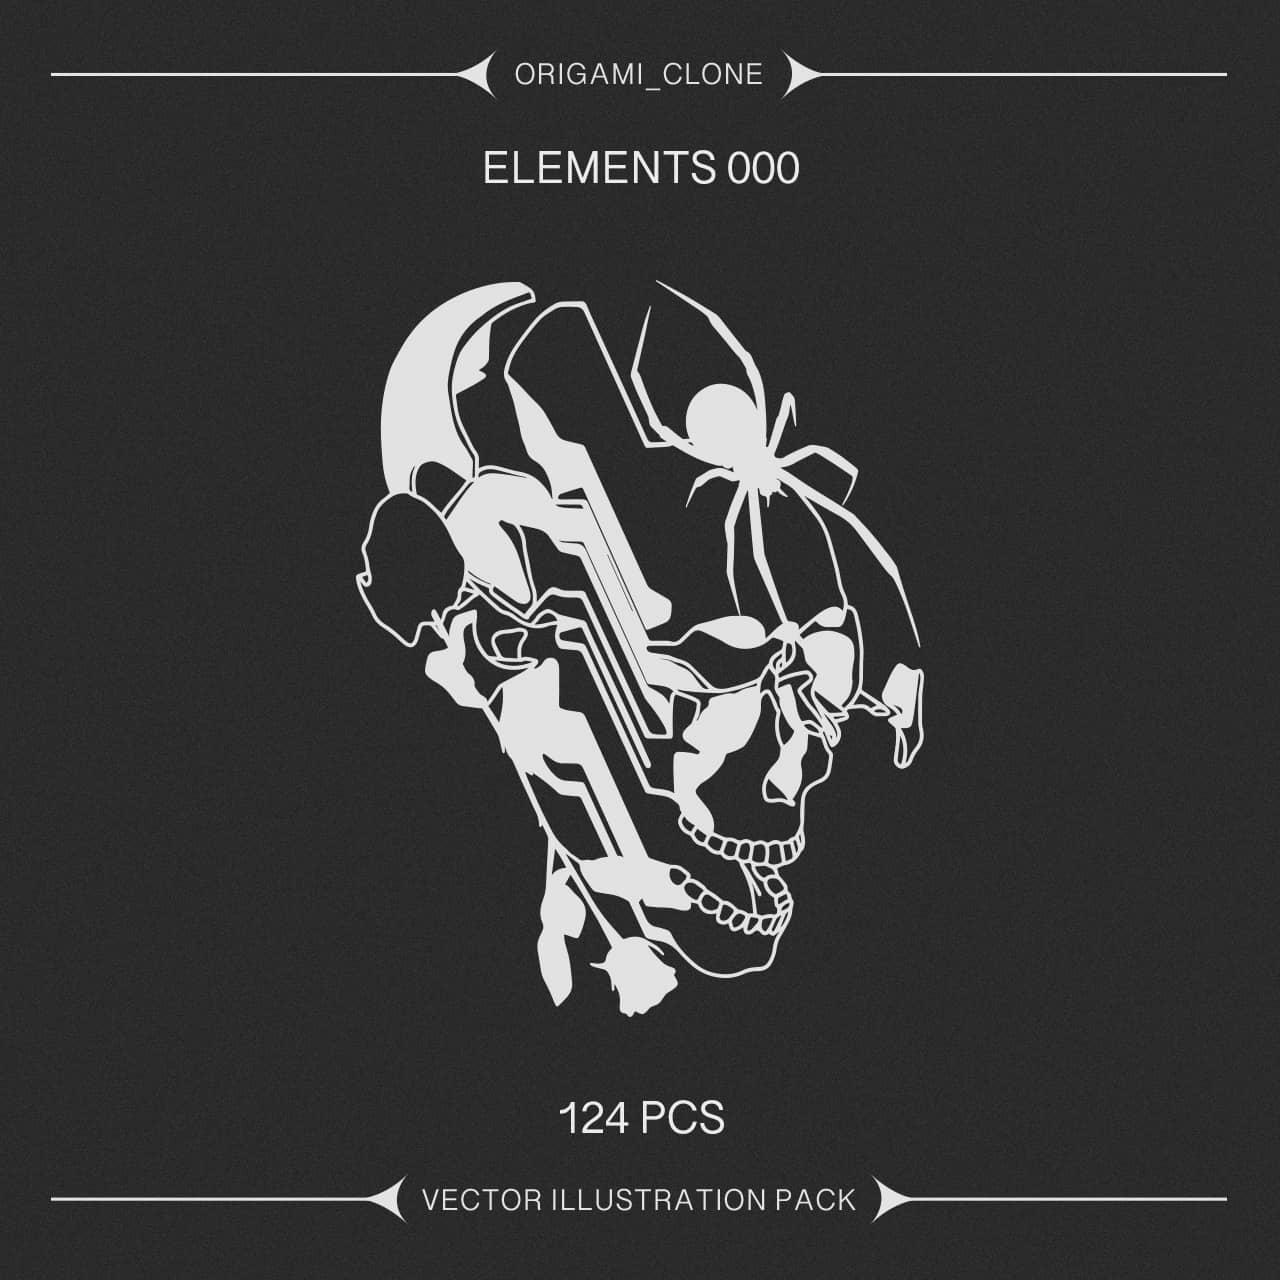 [单独购买] 124款潮流贴纸图标徽标Logo设计矢量素材套装 Studio Innate – Elements 000插图4